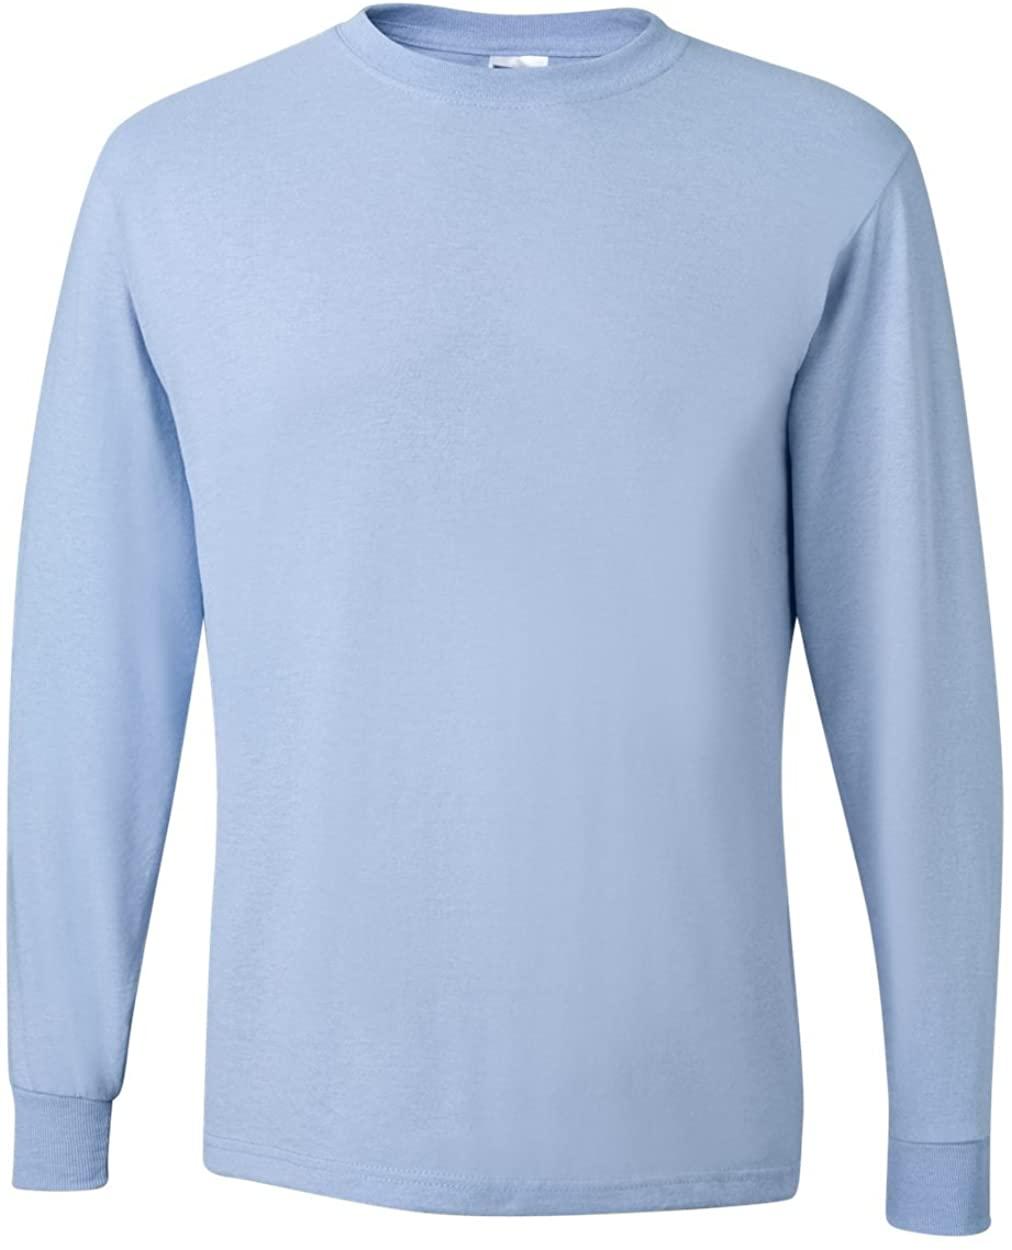 Adult Long-Sleeve Heavyweight Blend T-Shirt (Light Blue) (X-Large)